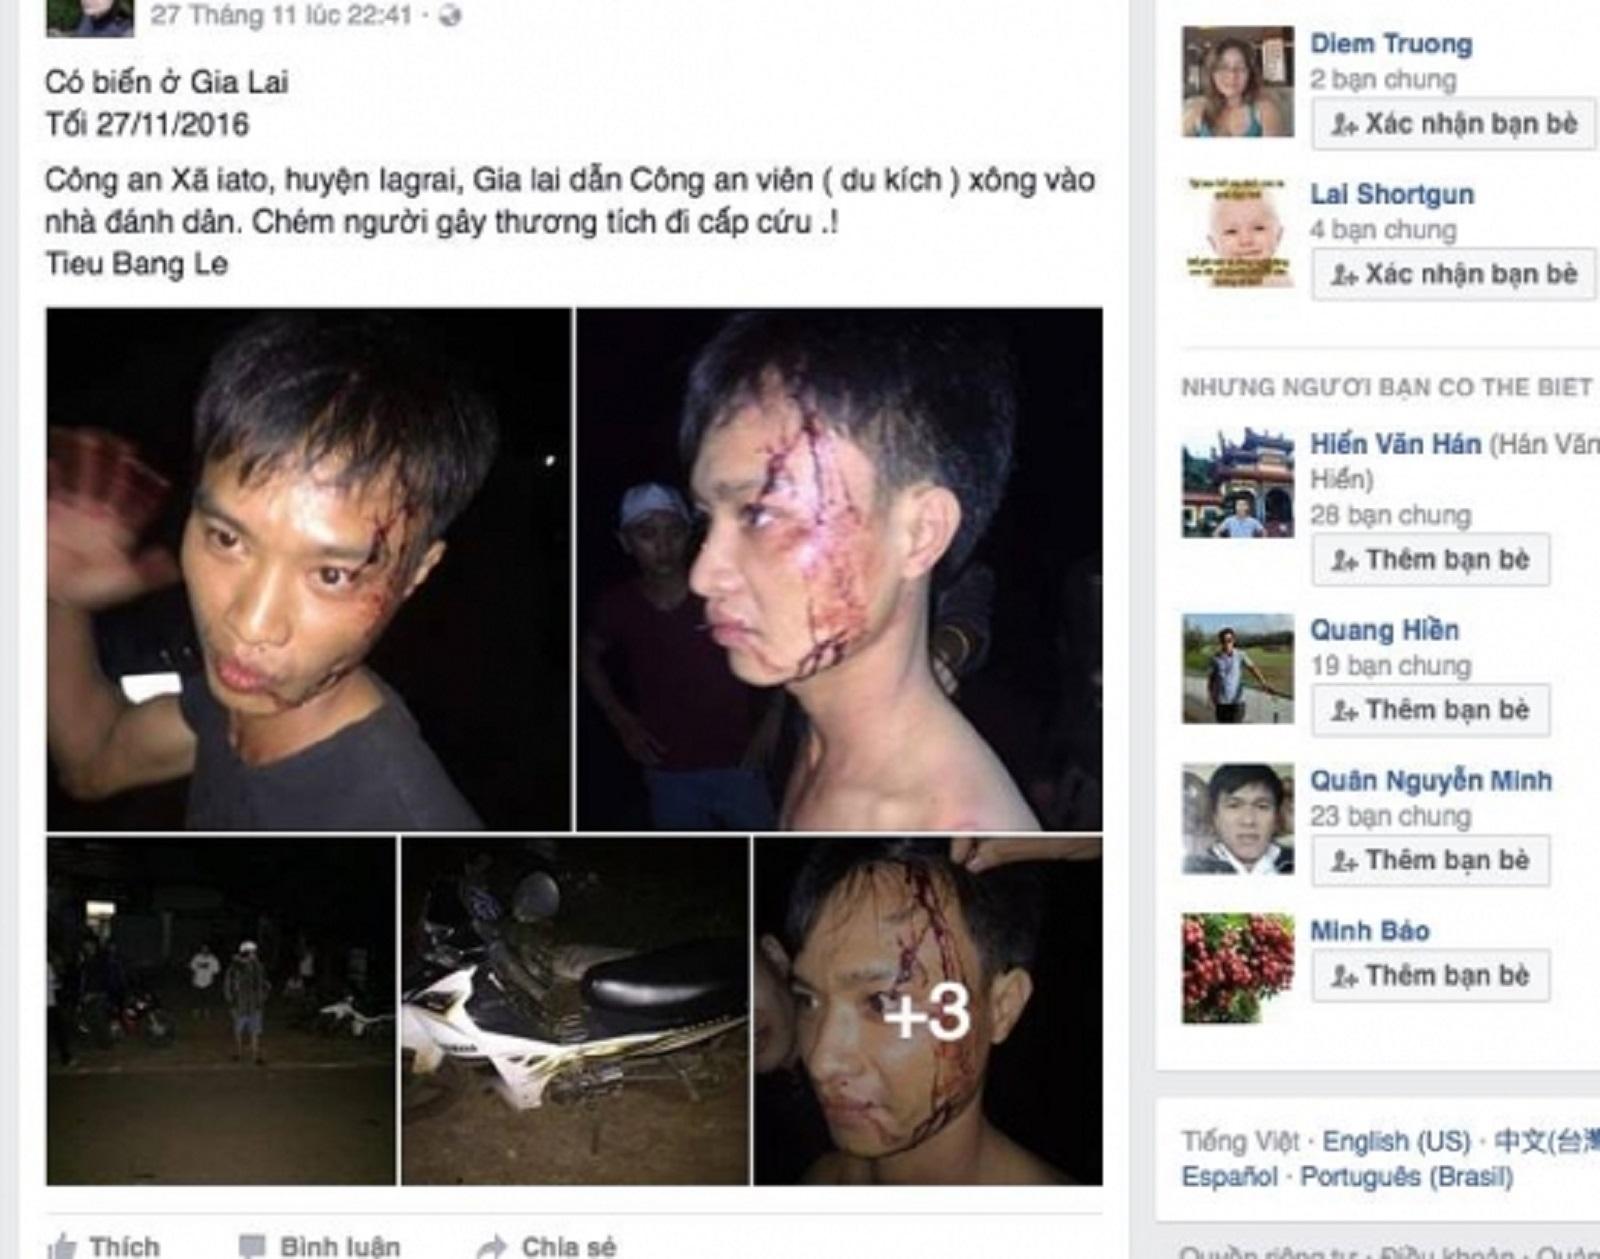 Gia Lai: Đang điều tra vụ công an xã bị tố chém trai làng